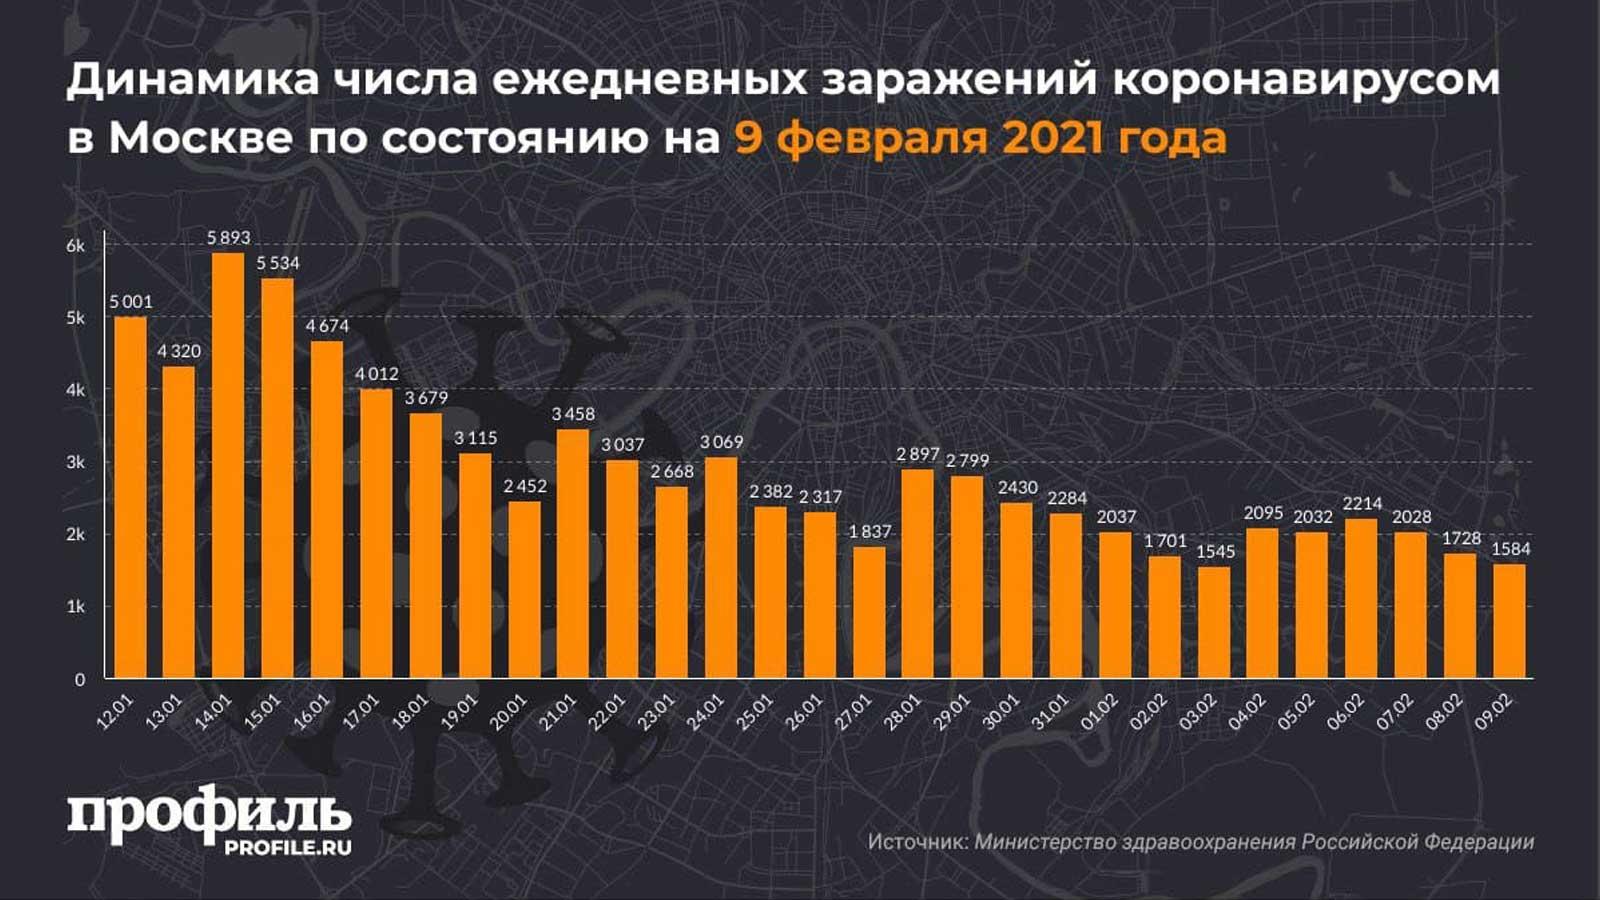 Динамика числа ежедневных заражений коронавирусом в Москве по состоянию на 9 февраля 2021 года